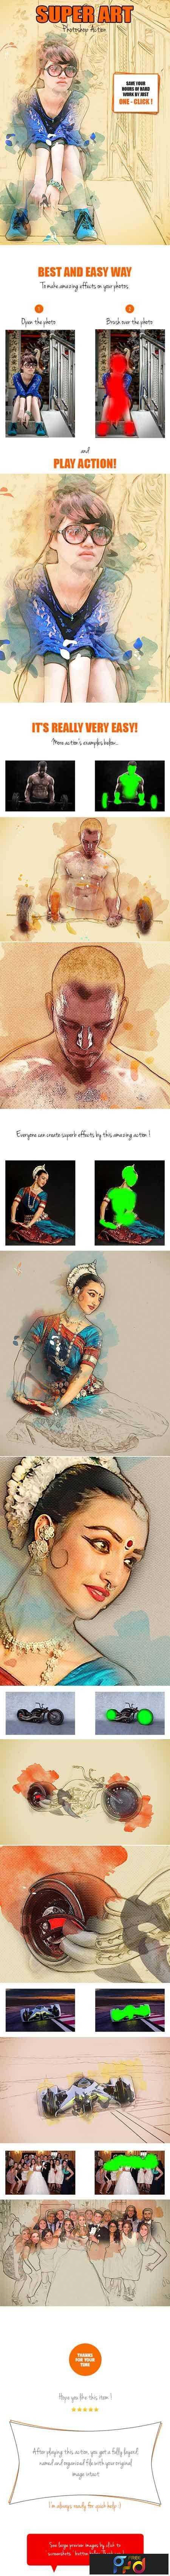 1804191 Super Art Photoshop Action 16081495 1